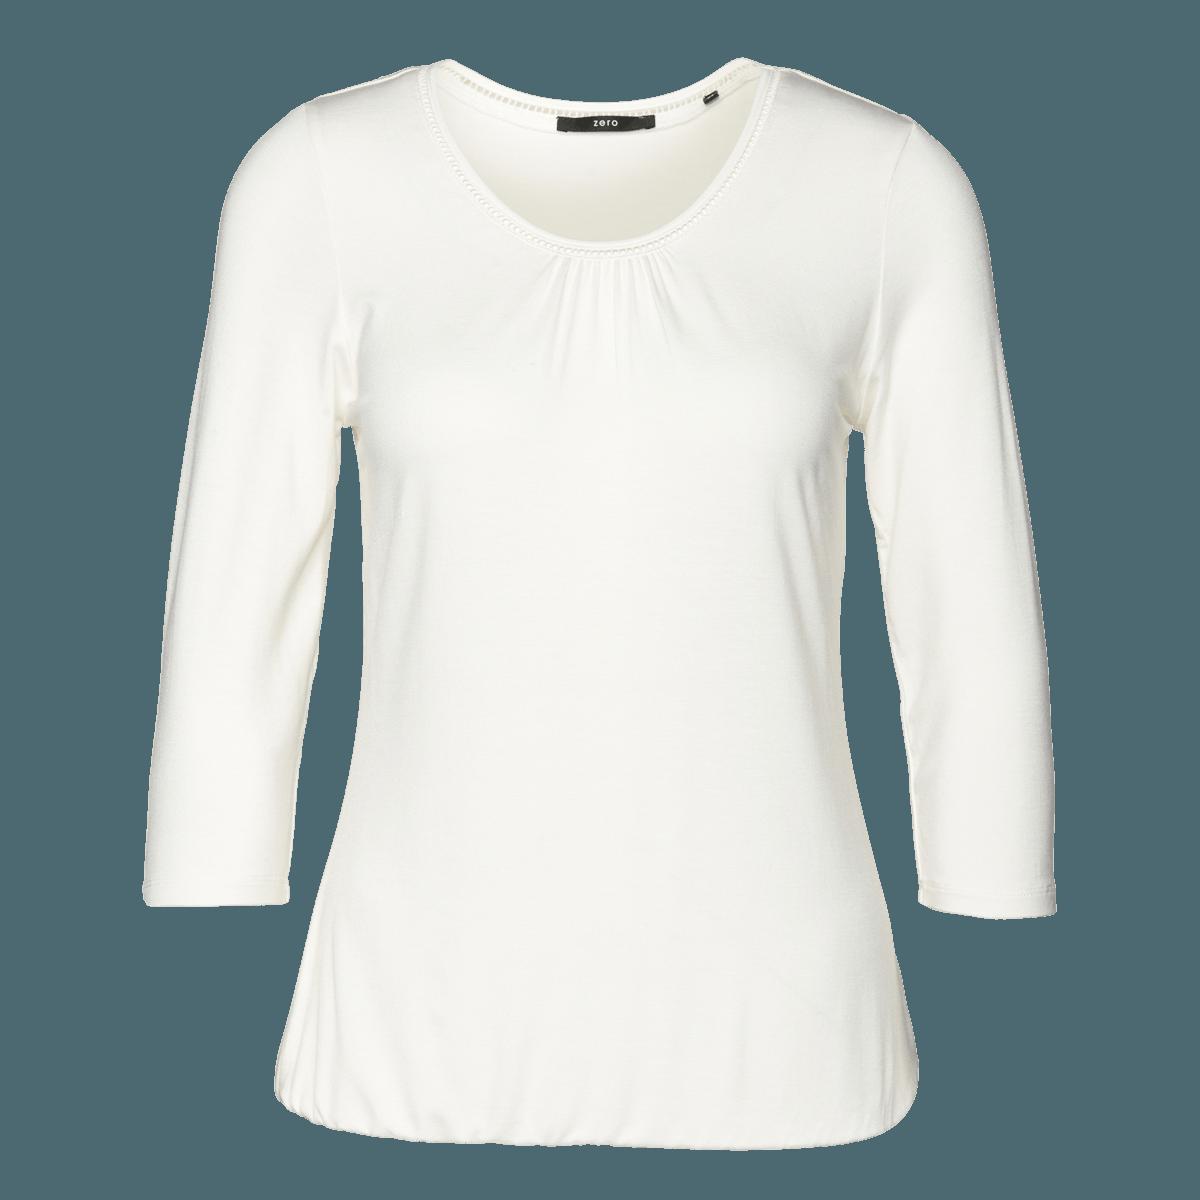 Viskose-Shirt mit Lochstickerei in offwhite